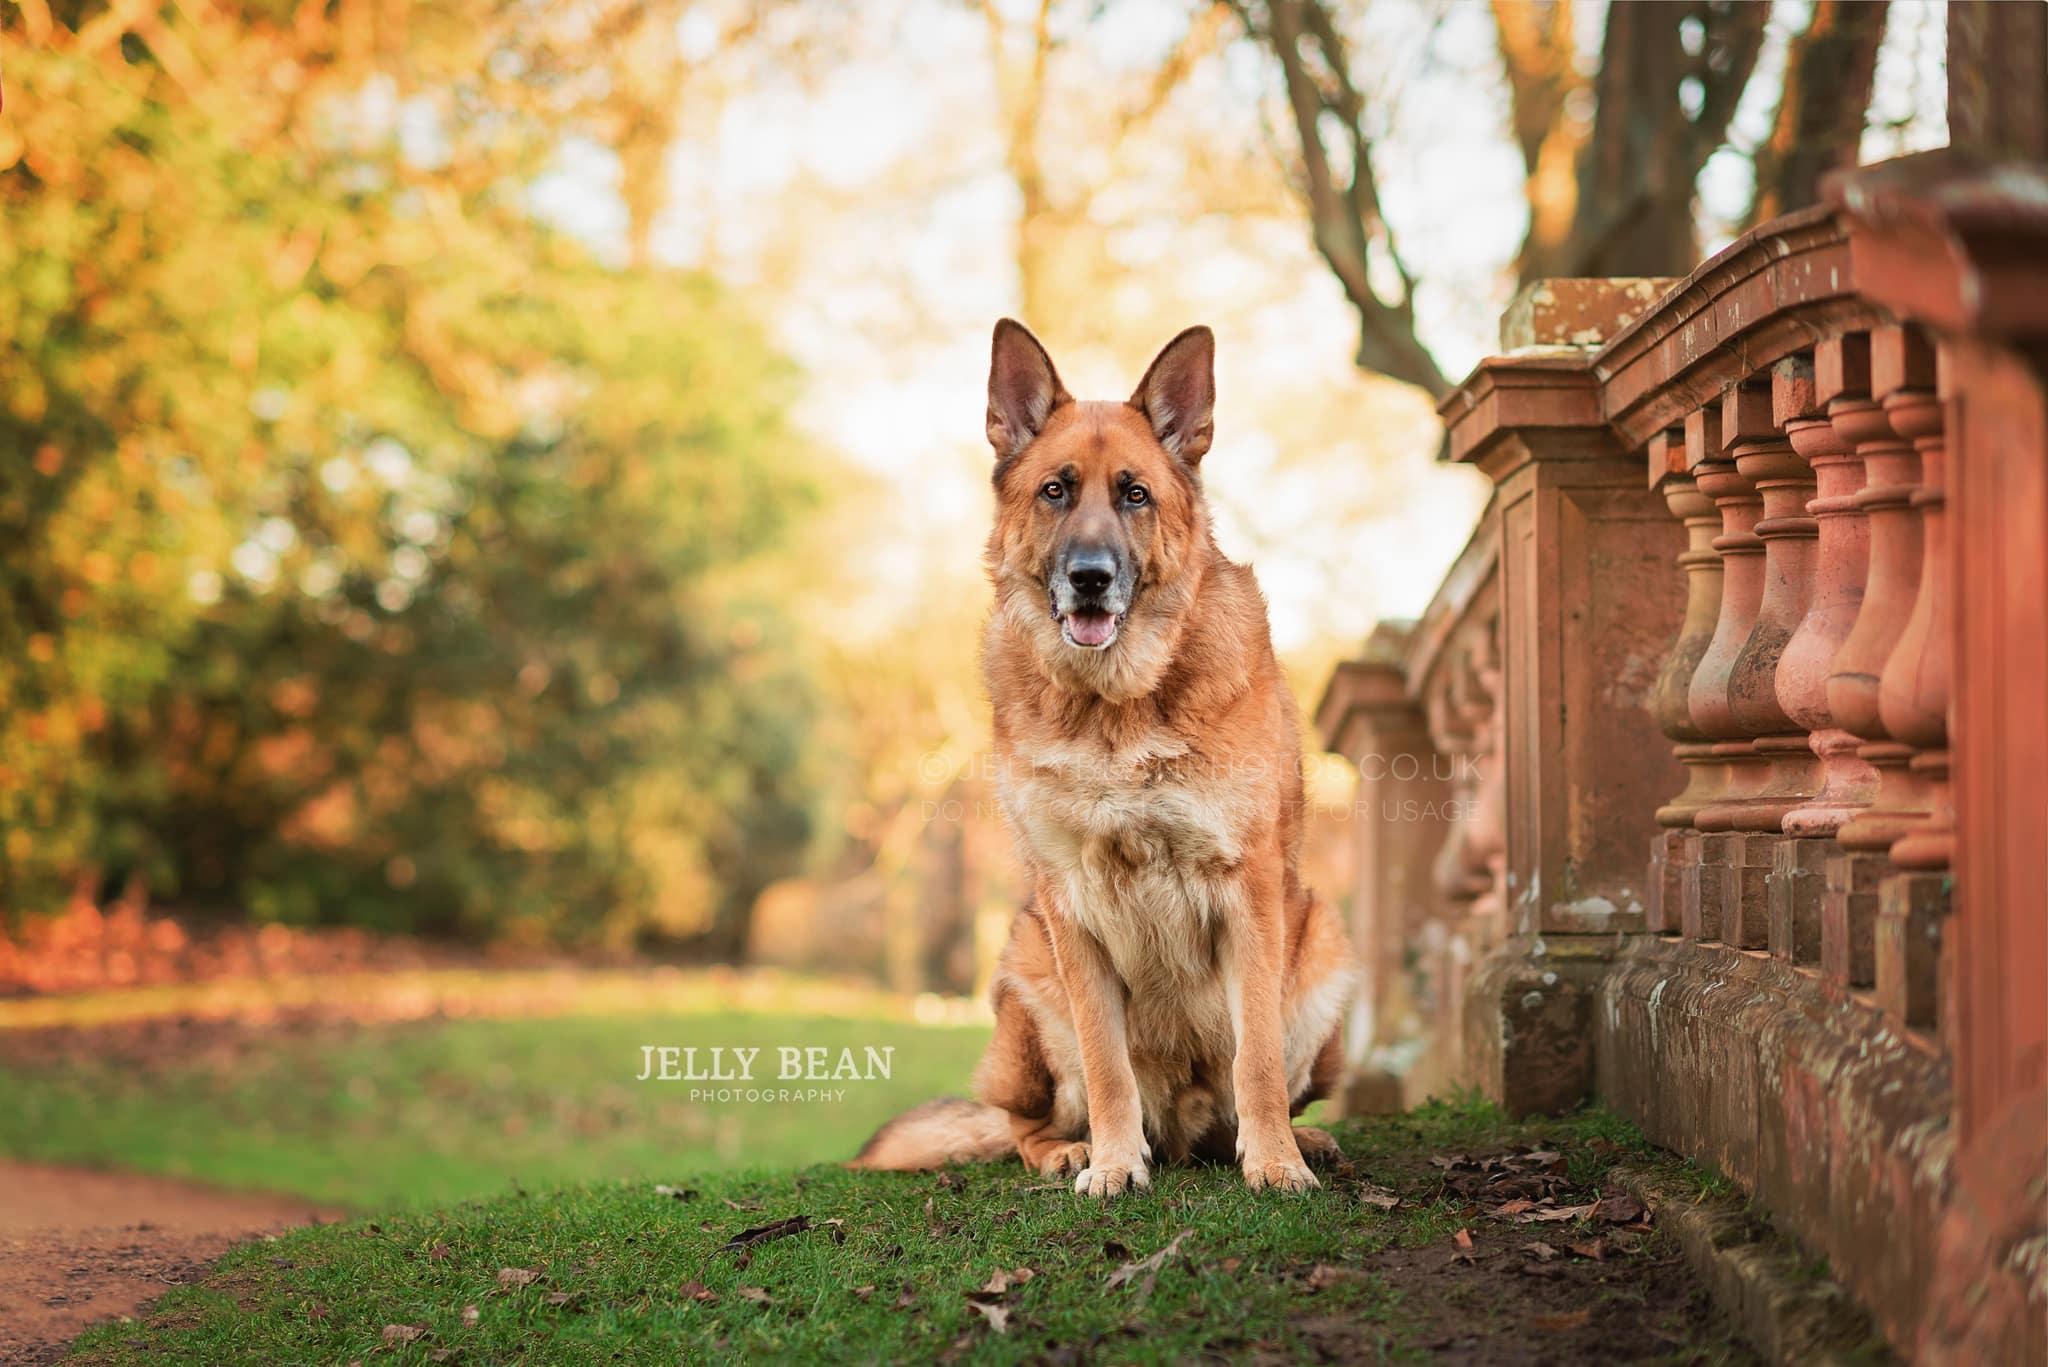 Dog sitting on stone bridge